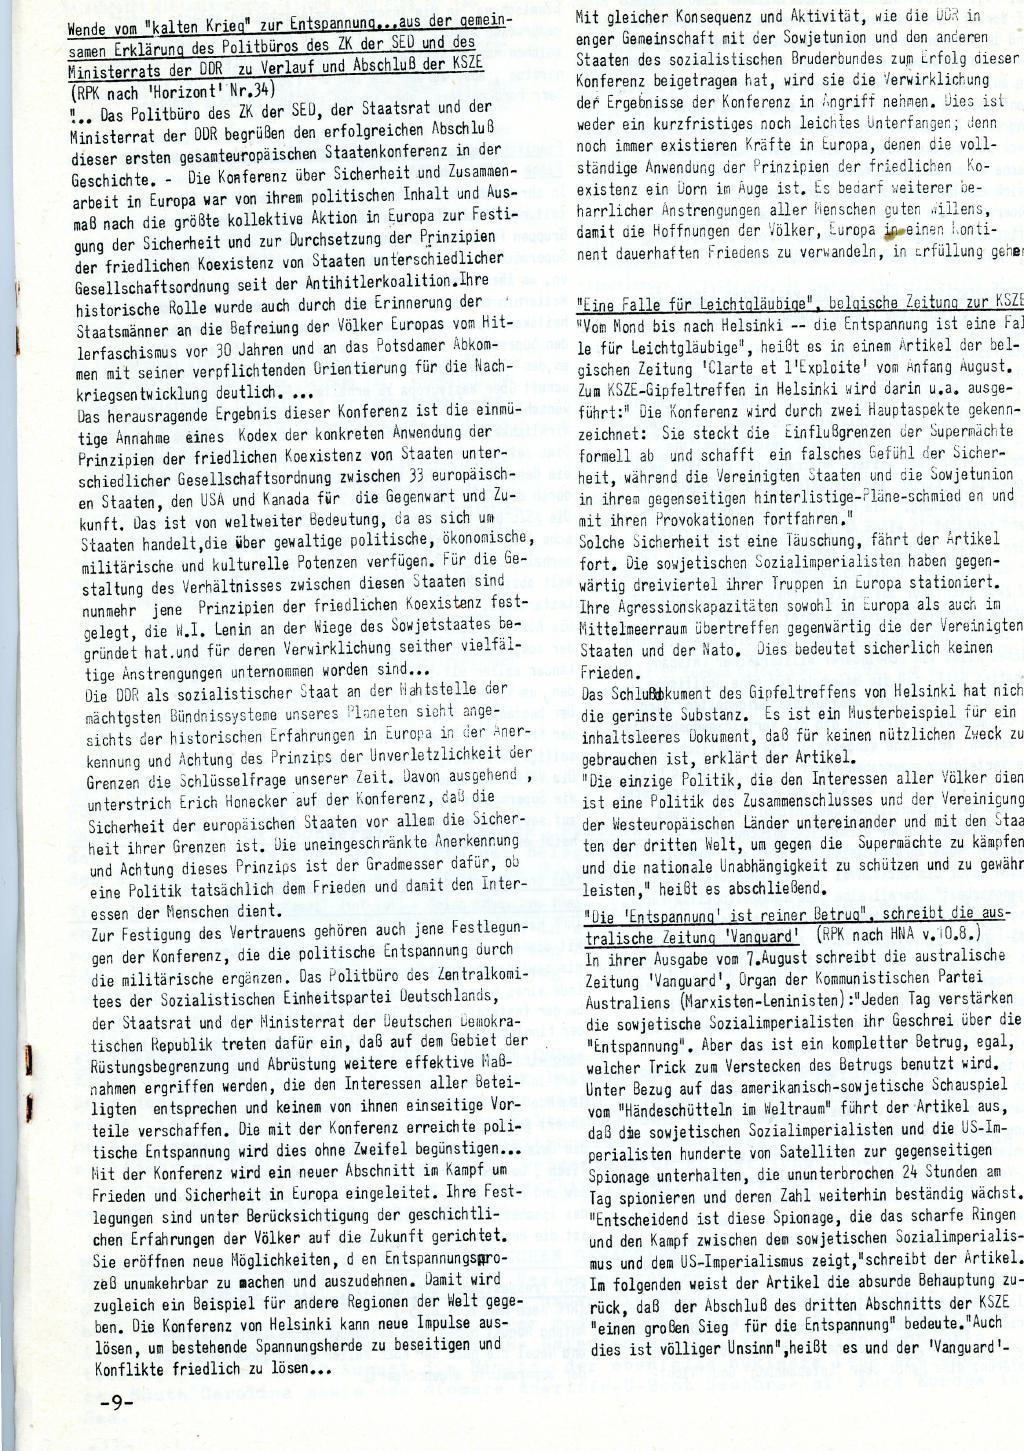 RPK_Pressedienst_1975_40_09